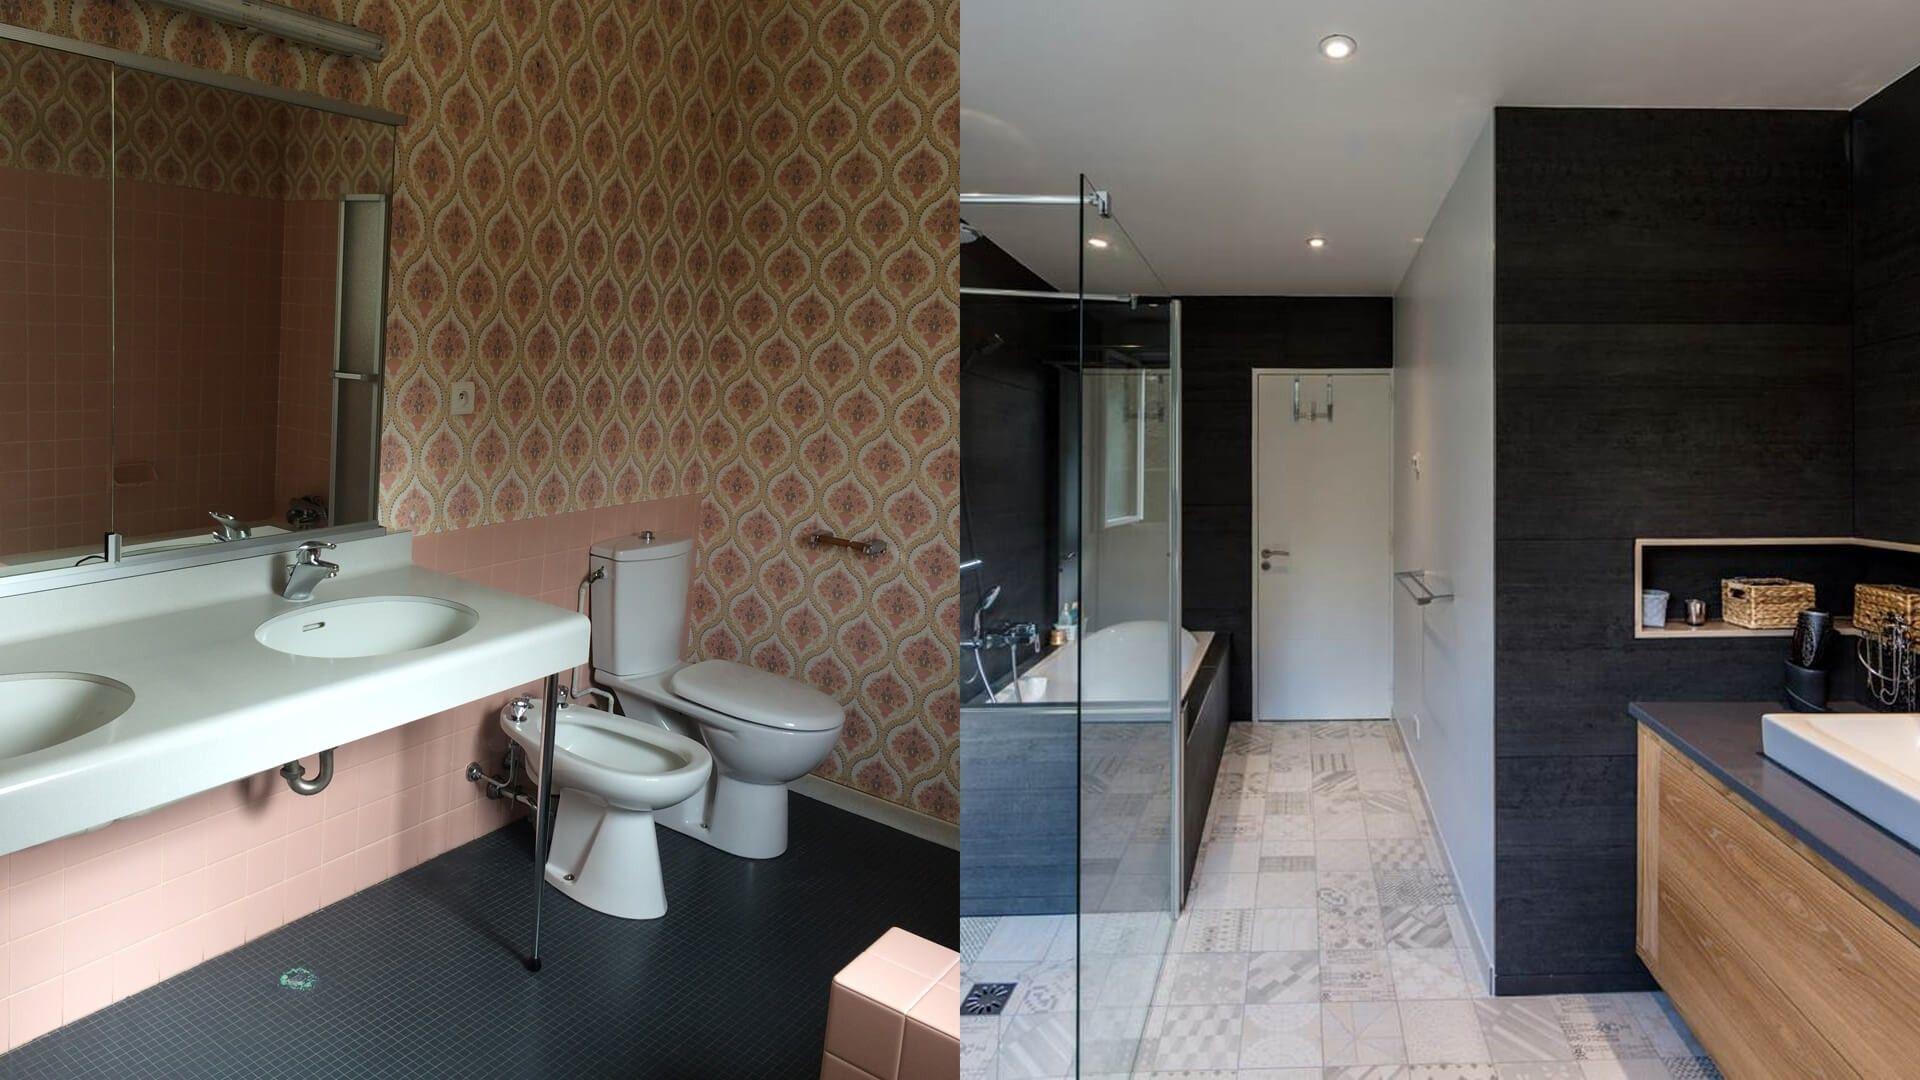 Les 5 étapes de la rénovation de votre salle de bain